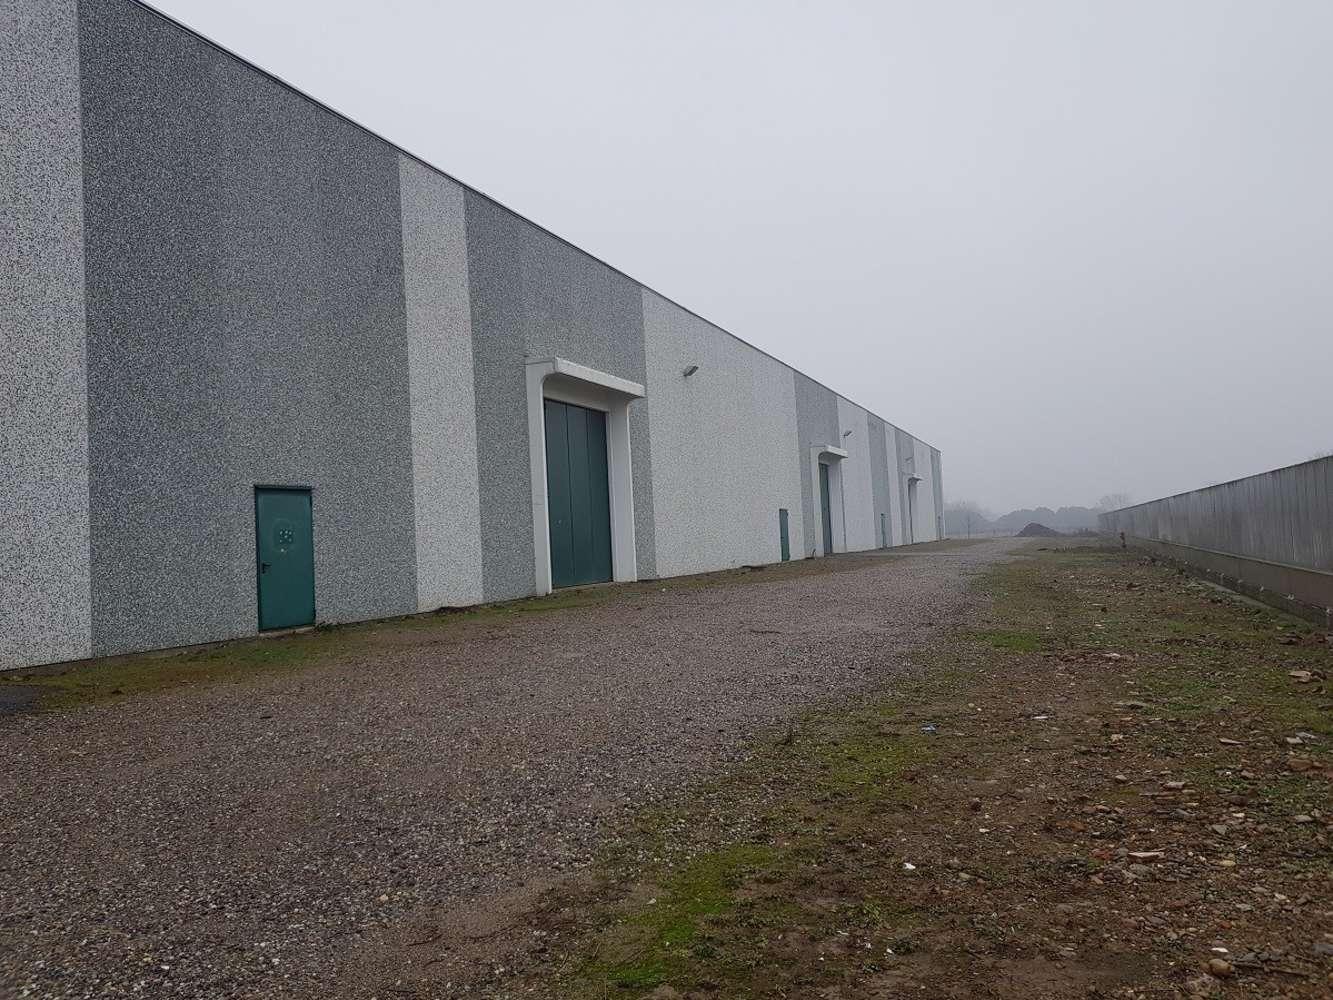 Magazzini industriali e logistici Fino mornasco, 22073 - Como - Fino Mornasco